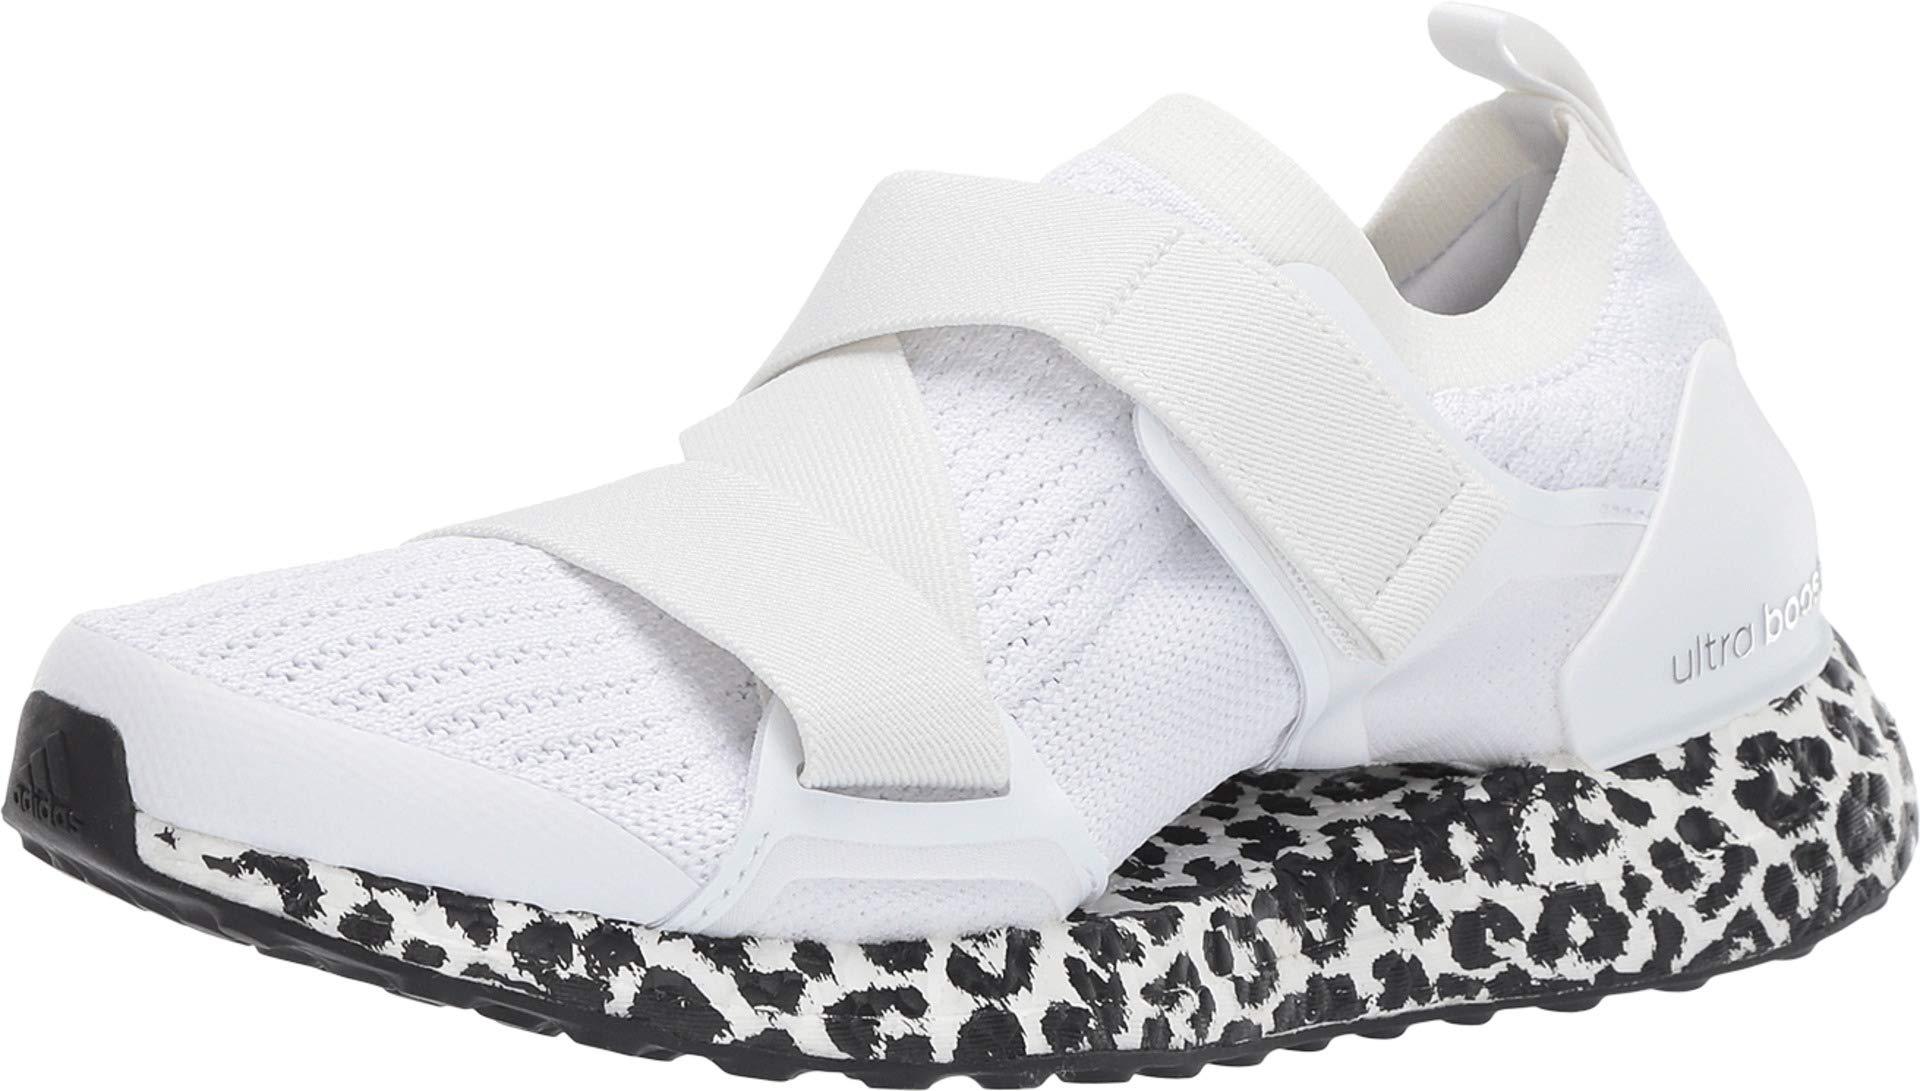 adidas by Stella McCartney Women's Ultraboost X Footwear White/Core Black/Footwear White 5.5 M US